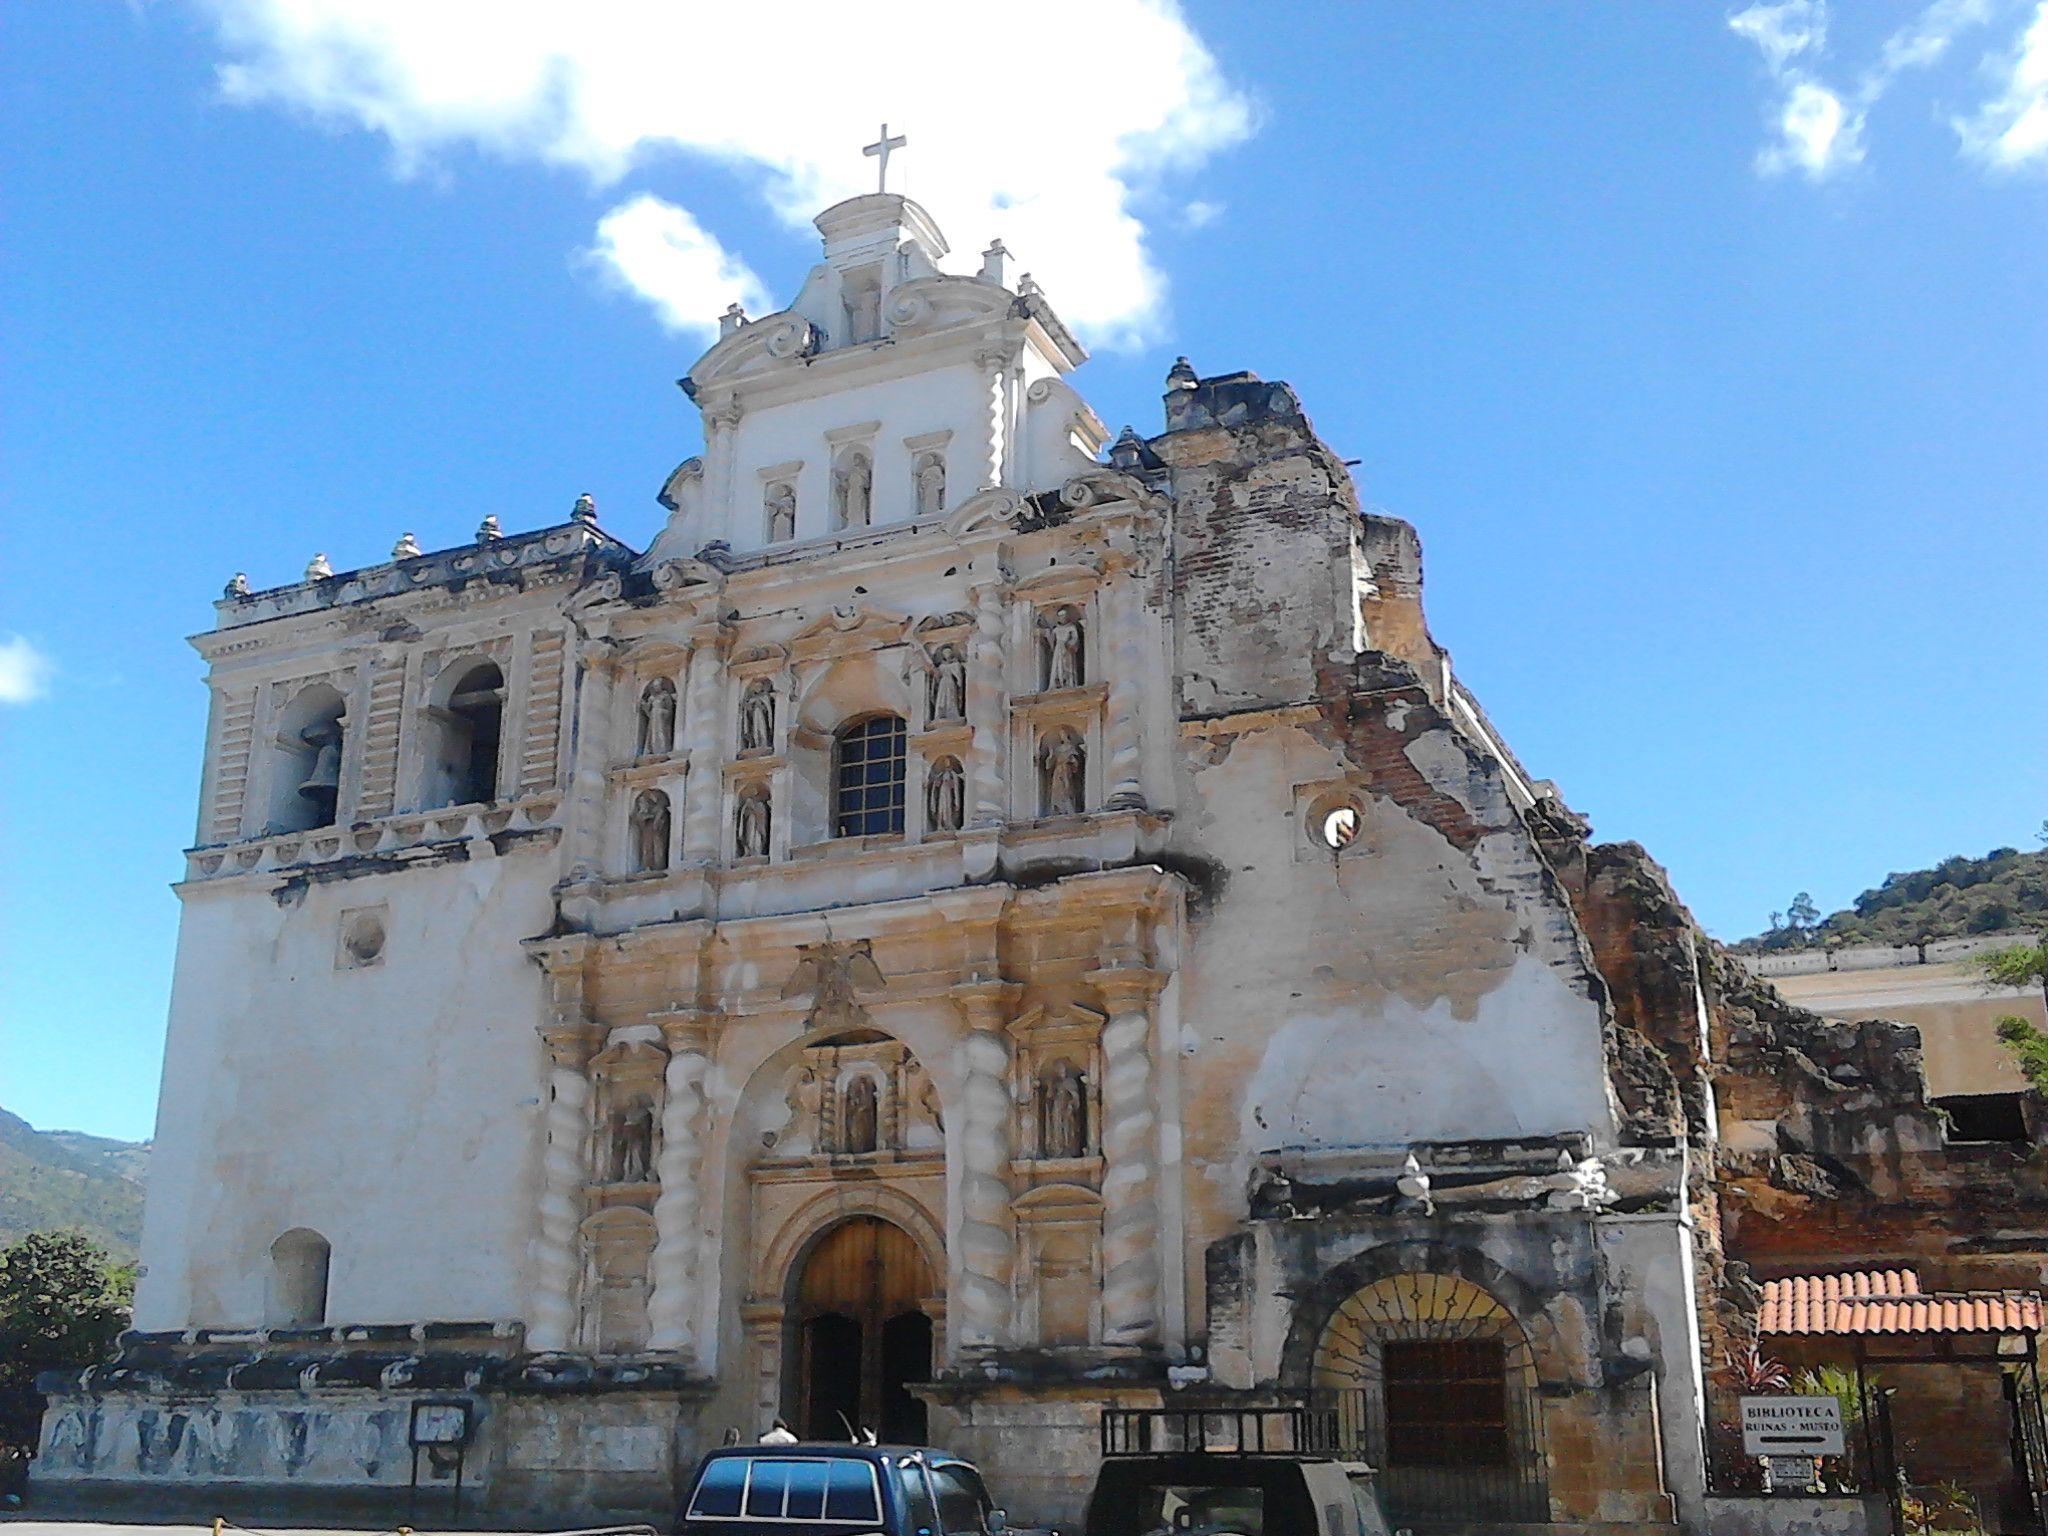 Lo natural i antiguo es lo mas ermoso en Antigua Guatemala ....